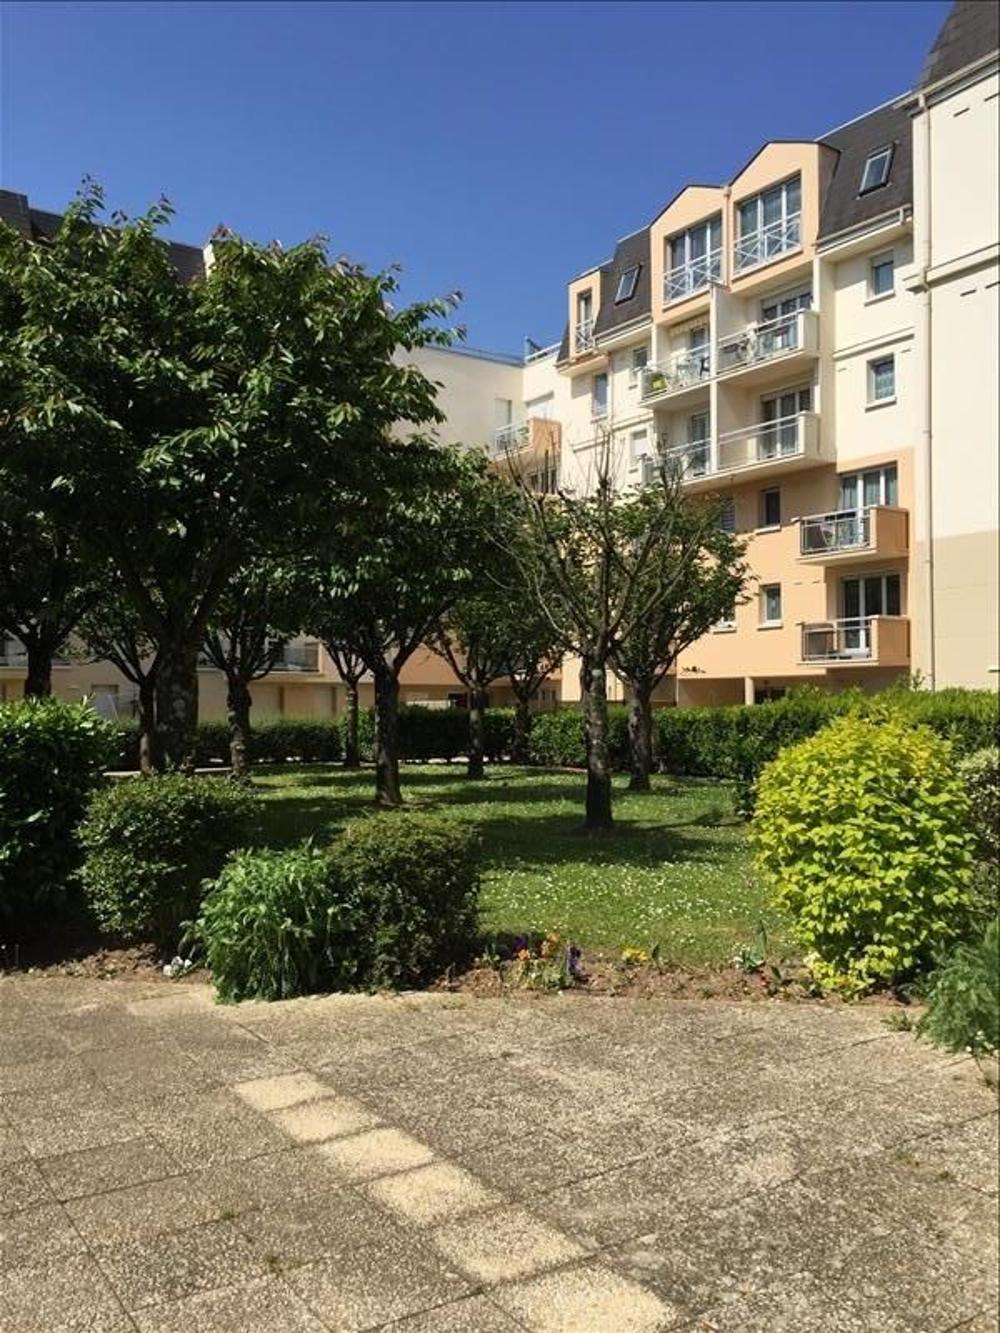 Igny Essonne Apartment Bild 3440055